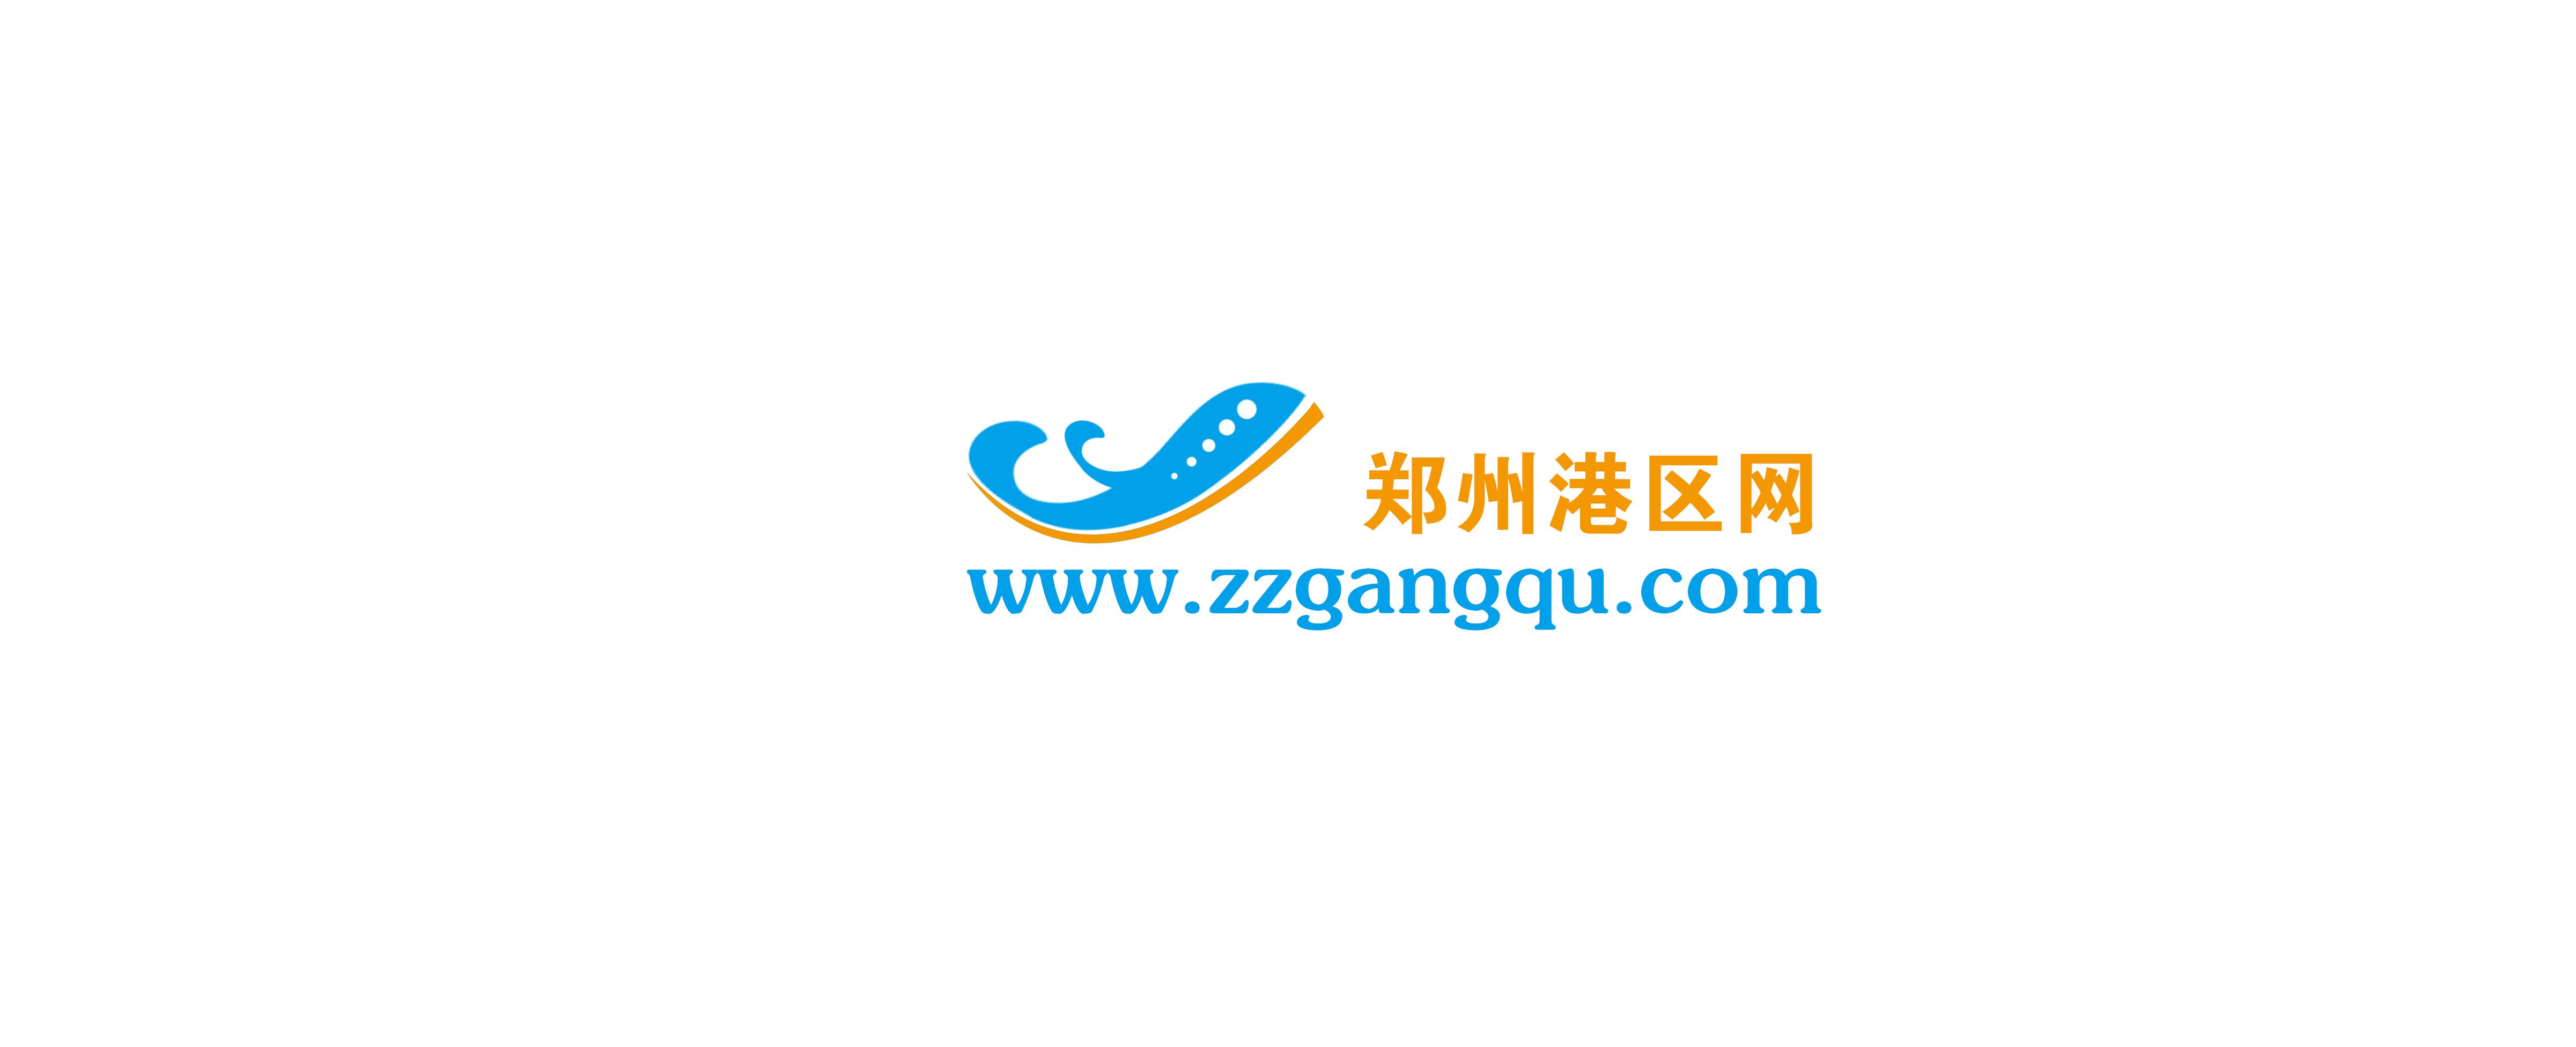 郑州港区网航空港门户LOGO设计_2935101_k68威客网